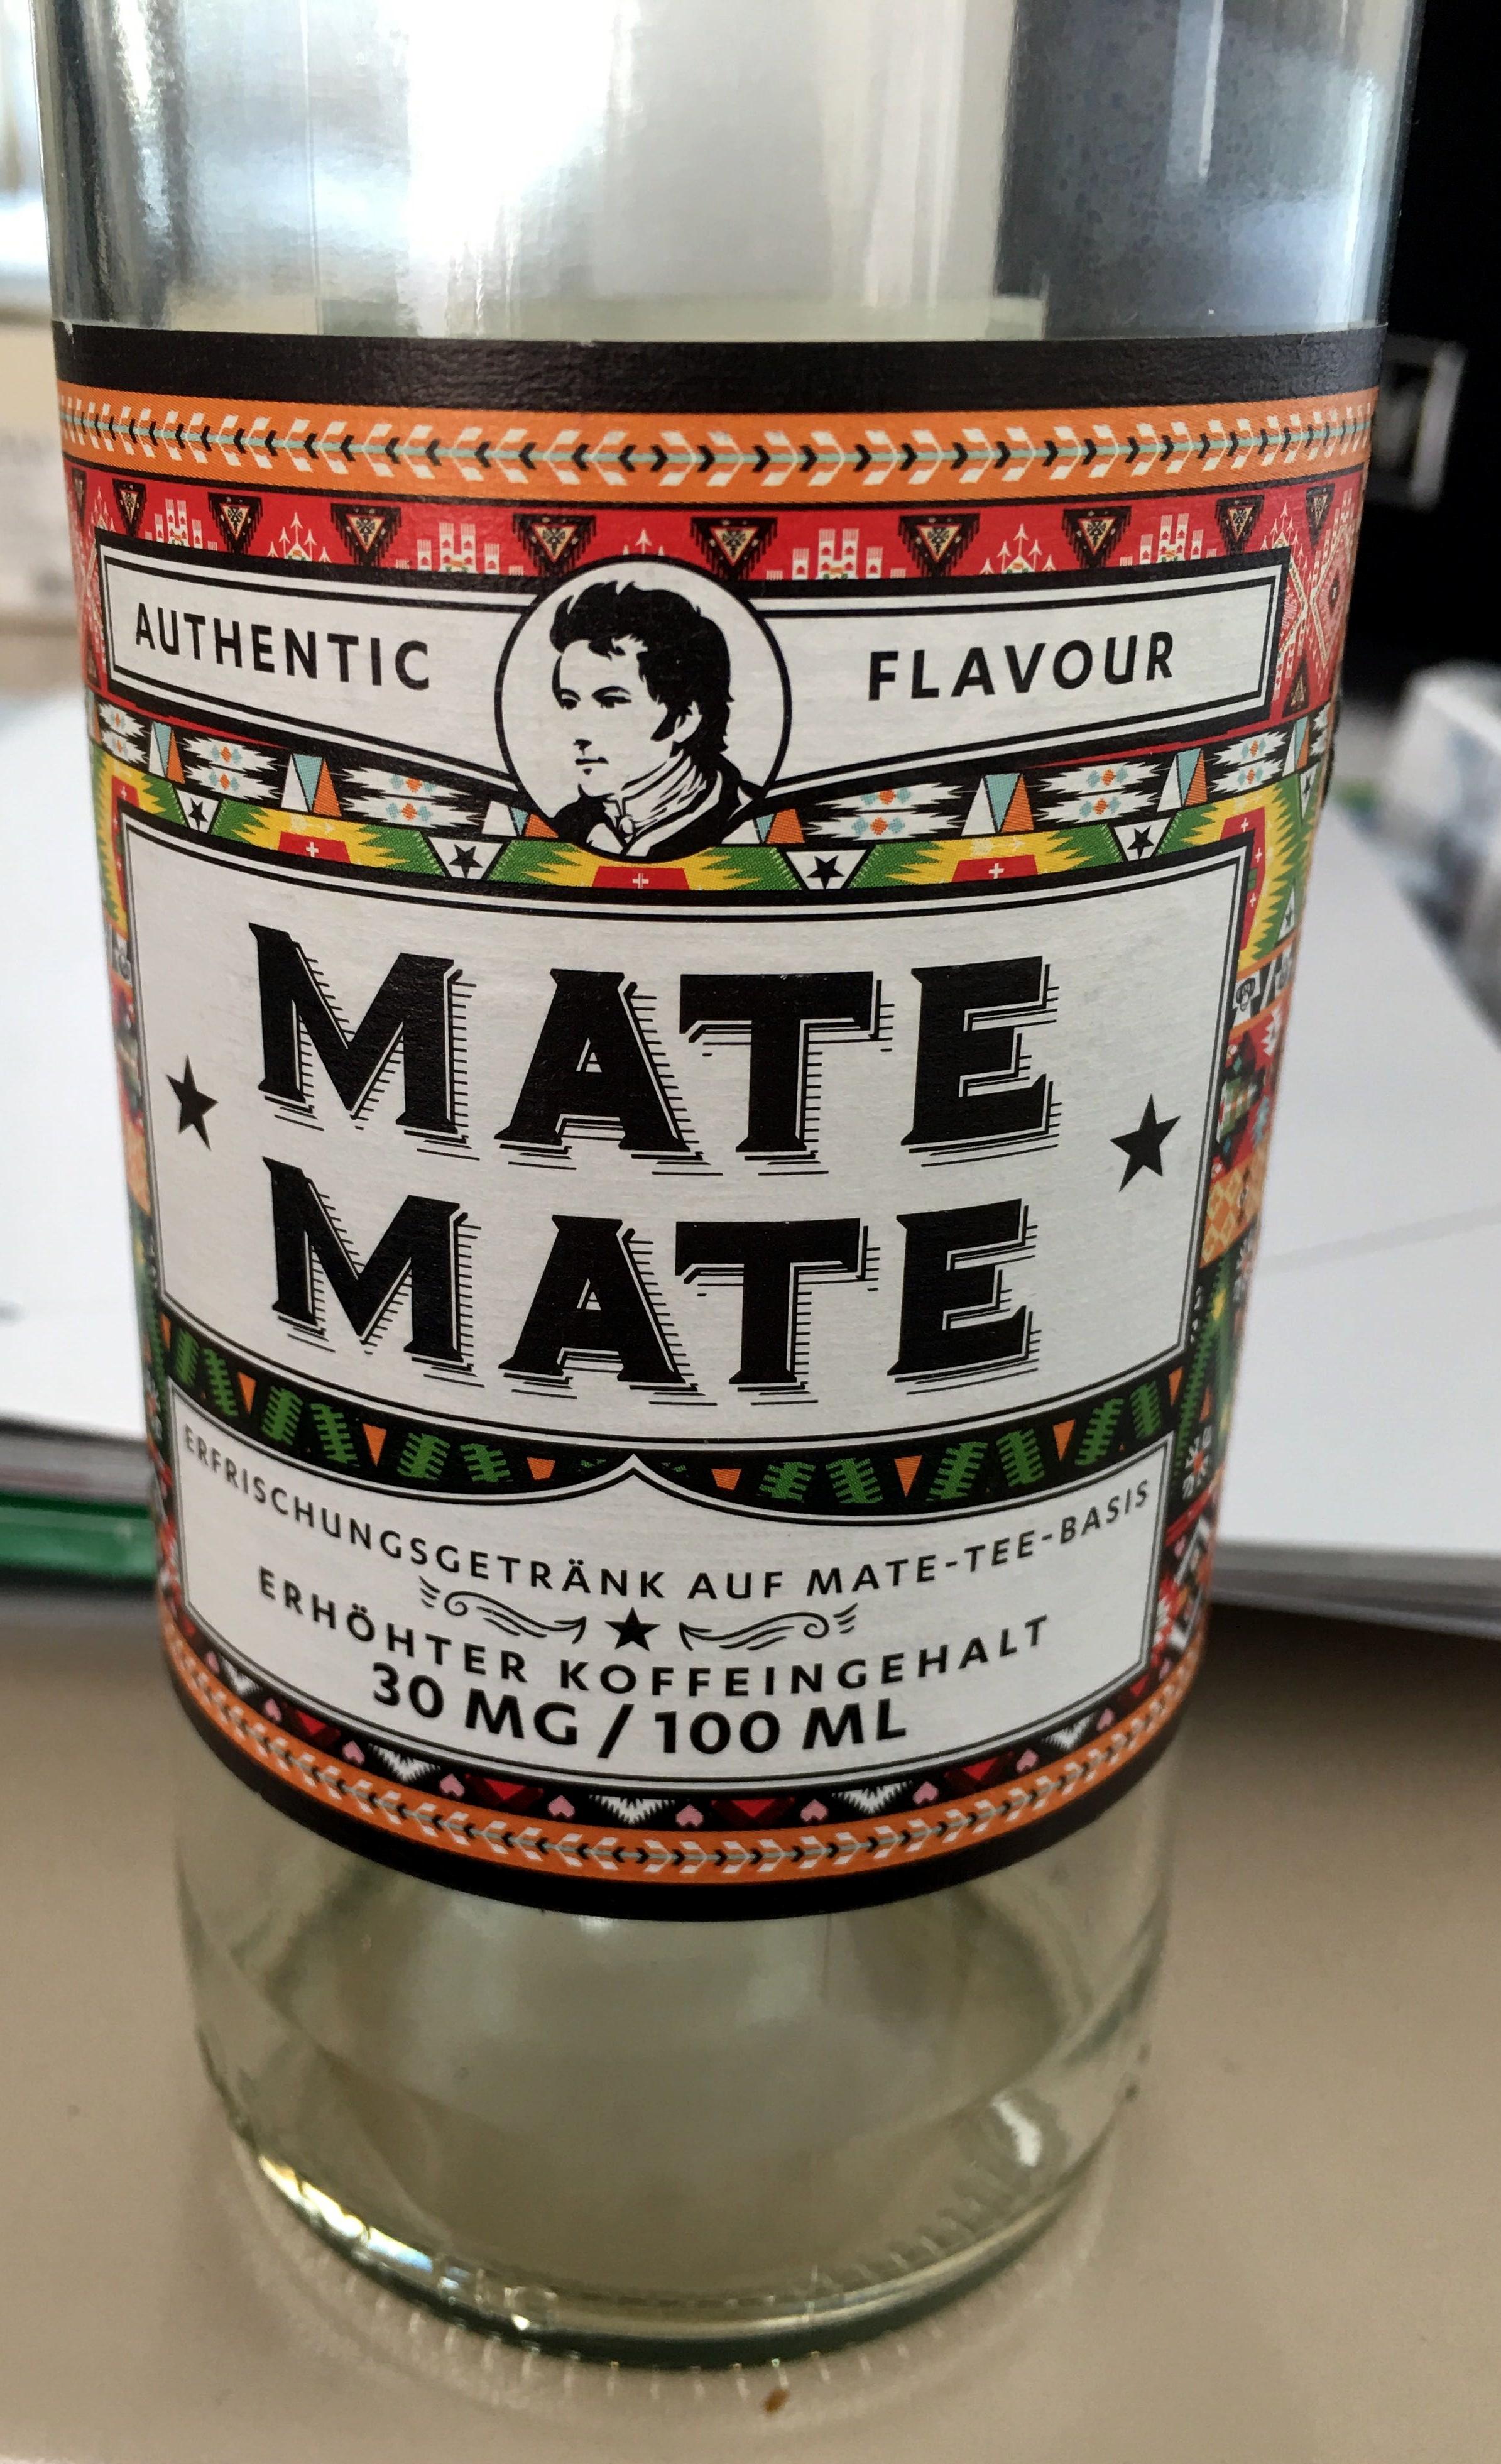 Mate Mate - Produkt